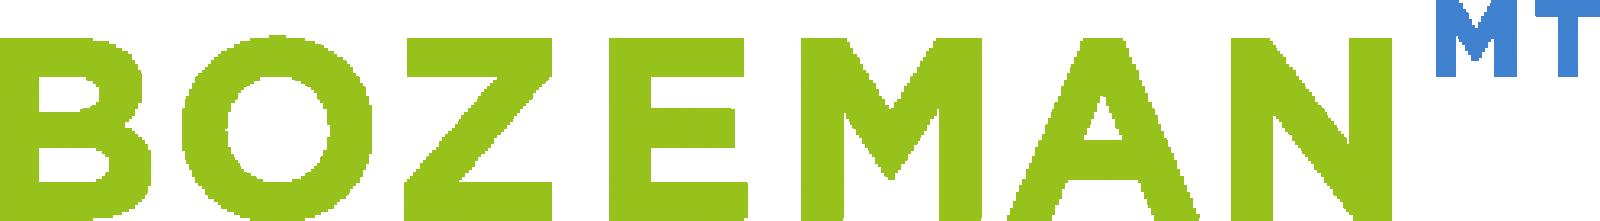 bozeman-logo